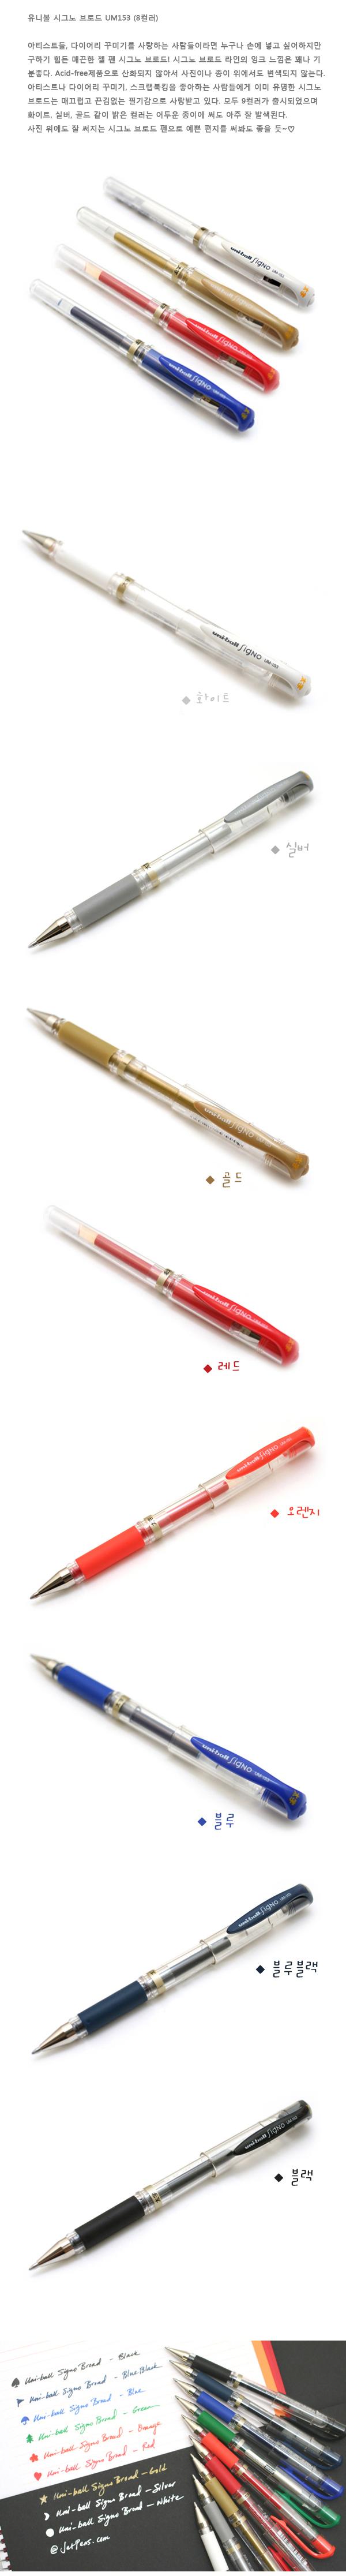 유니 시그노 브로드153 (8컬러) - 제이펜즈, 2,500원, 데코펜, 지워지는 펜